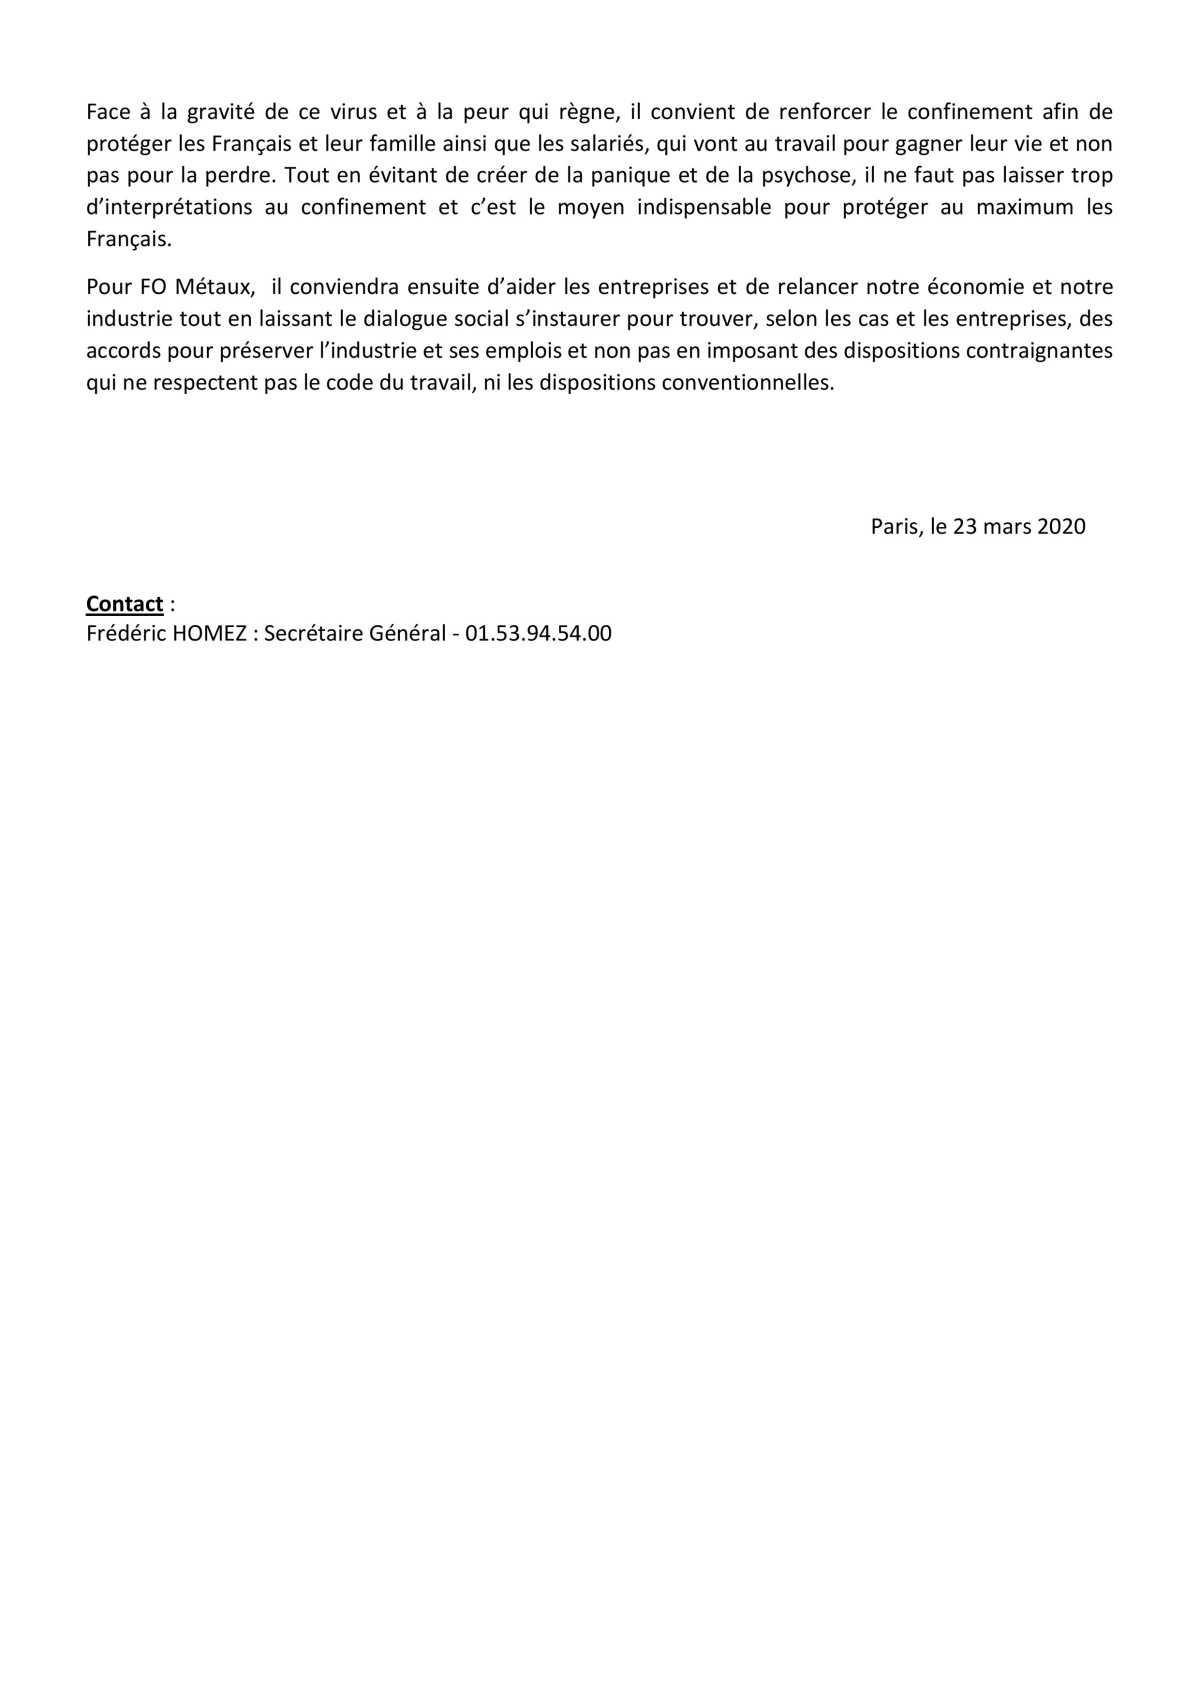 FO Métaux interpelle l'Etat sur le confinement